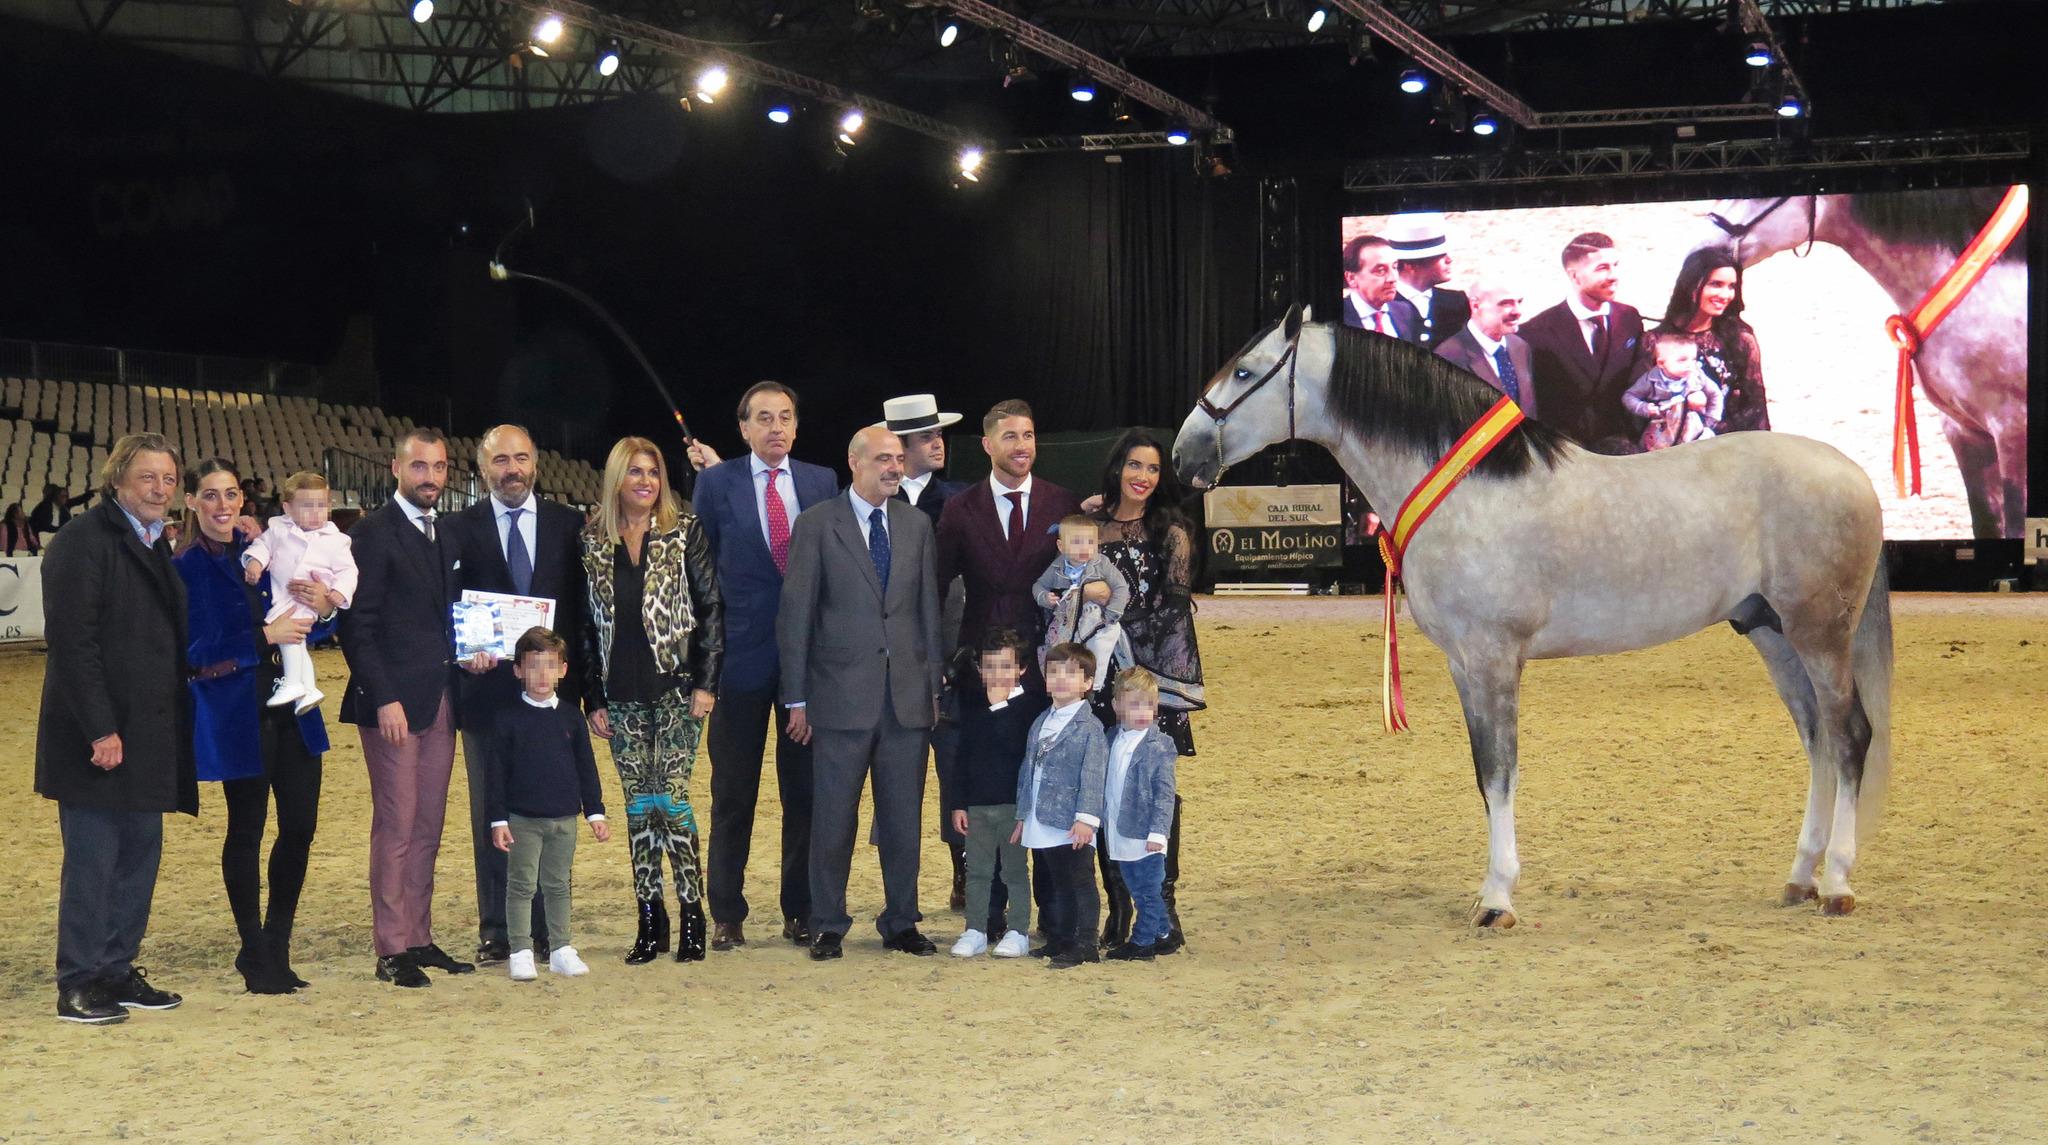 Sergio Ramos con su mujer, Pilar Rubio, sus hijos y familia, recogiendo el premio a su caballo 'Yucatán de Ramos', Campeón del Mundo de la raza PRE.